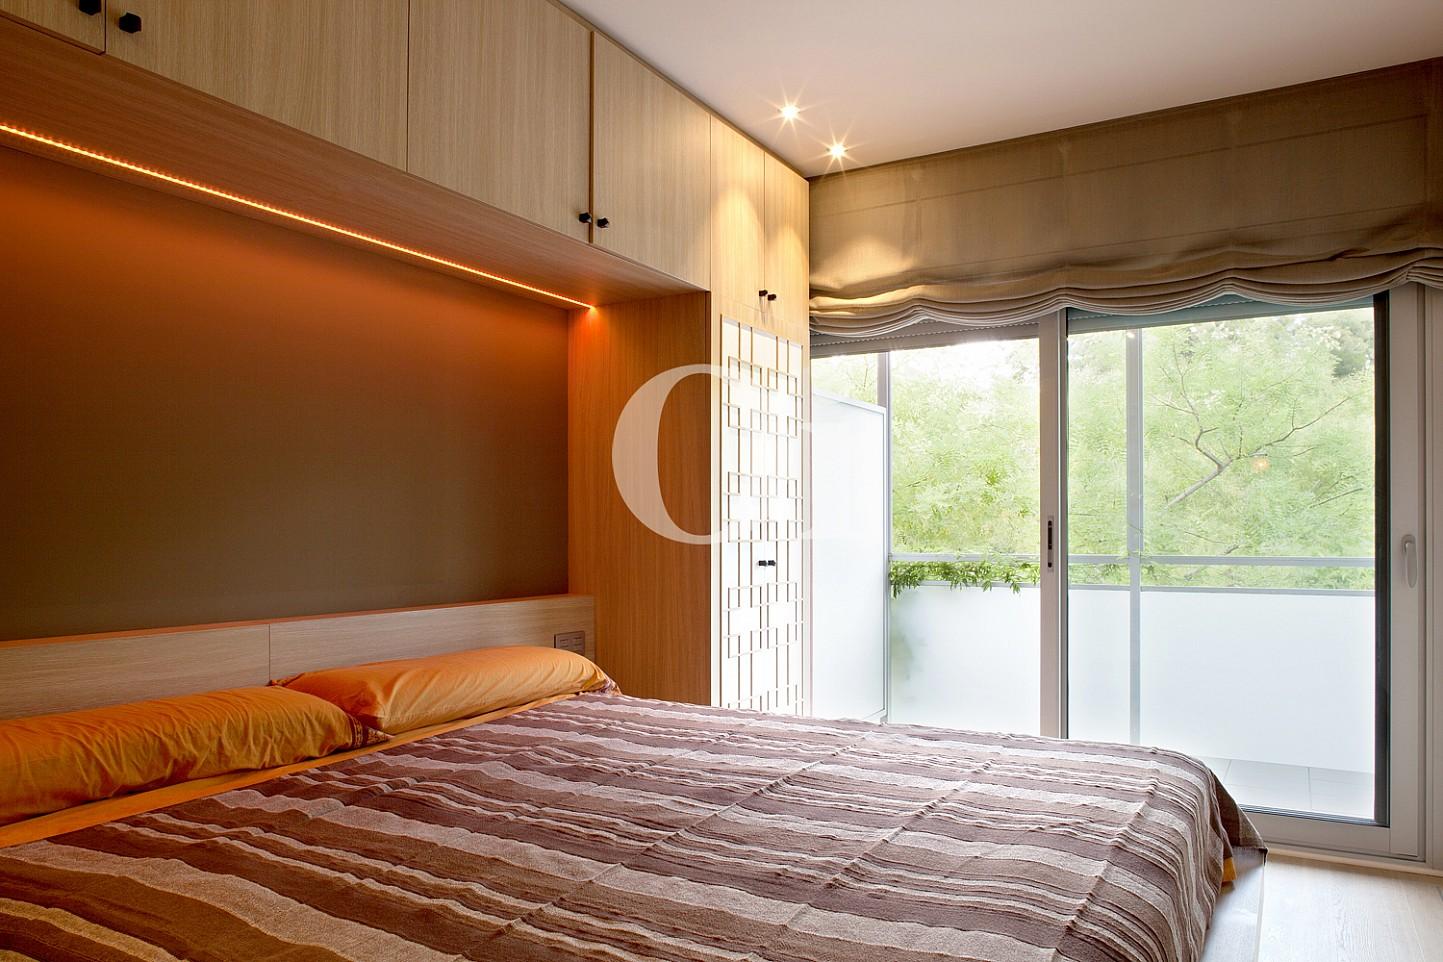 dormitorio, habitación, dormitorio doble, habitación doble, cama, cama doble, terraza, dormitorio con terraza